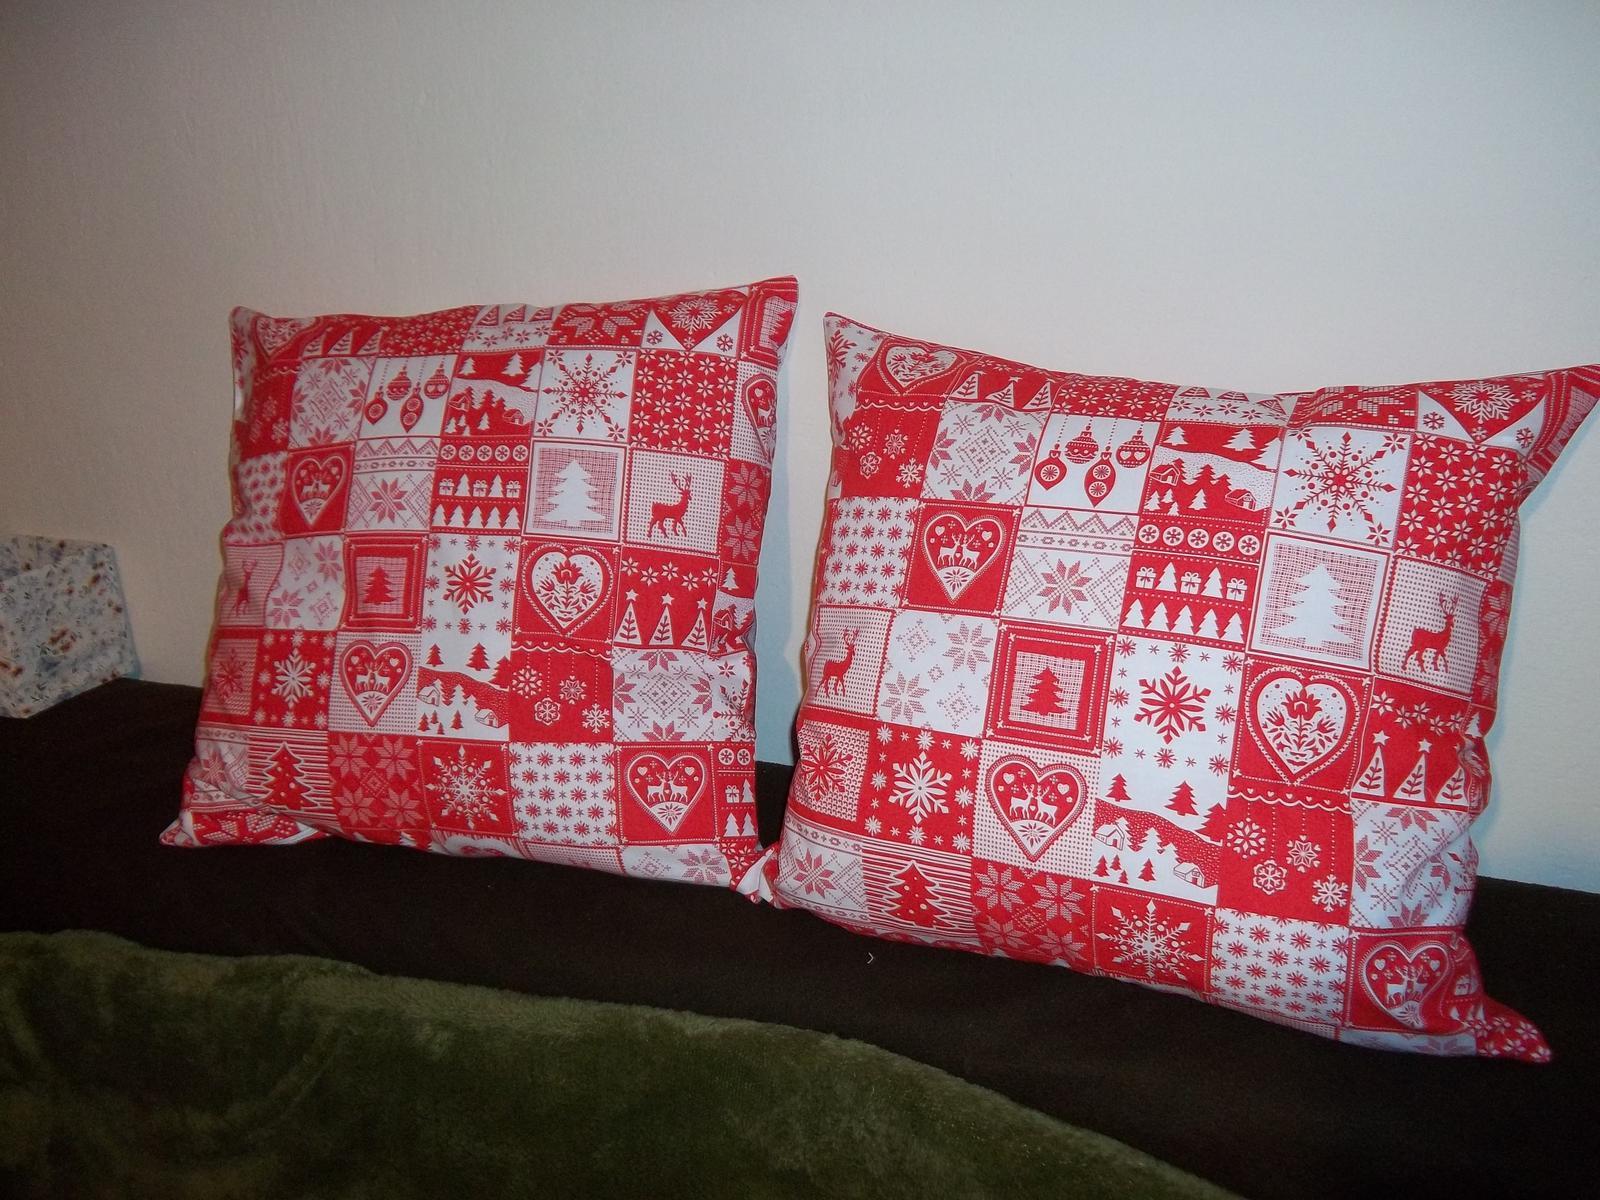 Sada dvoch väčších vianočných obliečok,cena s poštovným - Obrázok č. 1